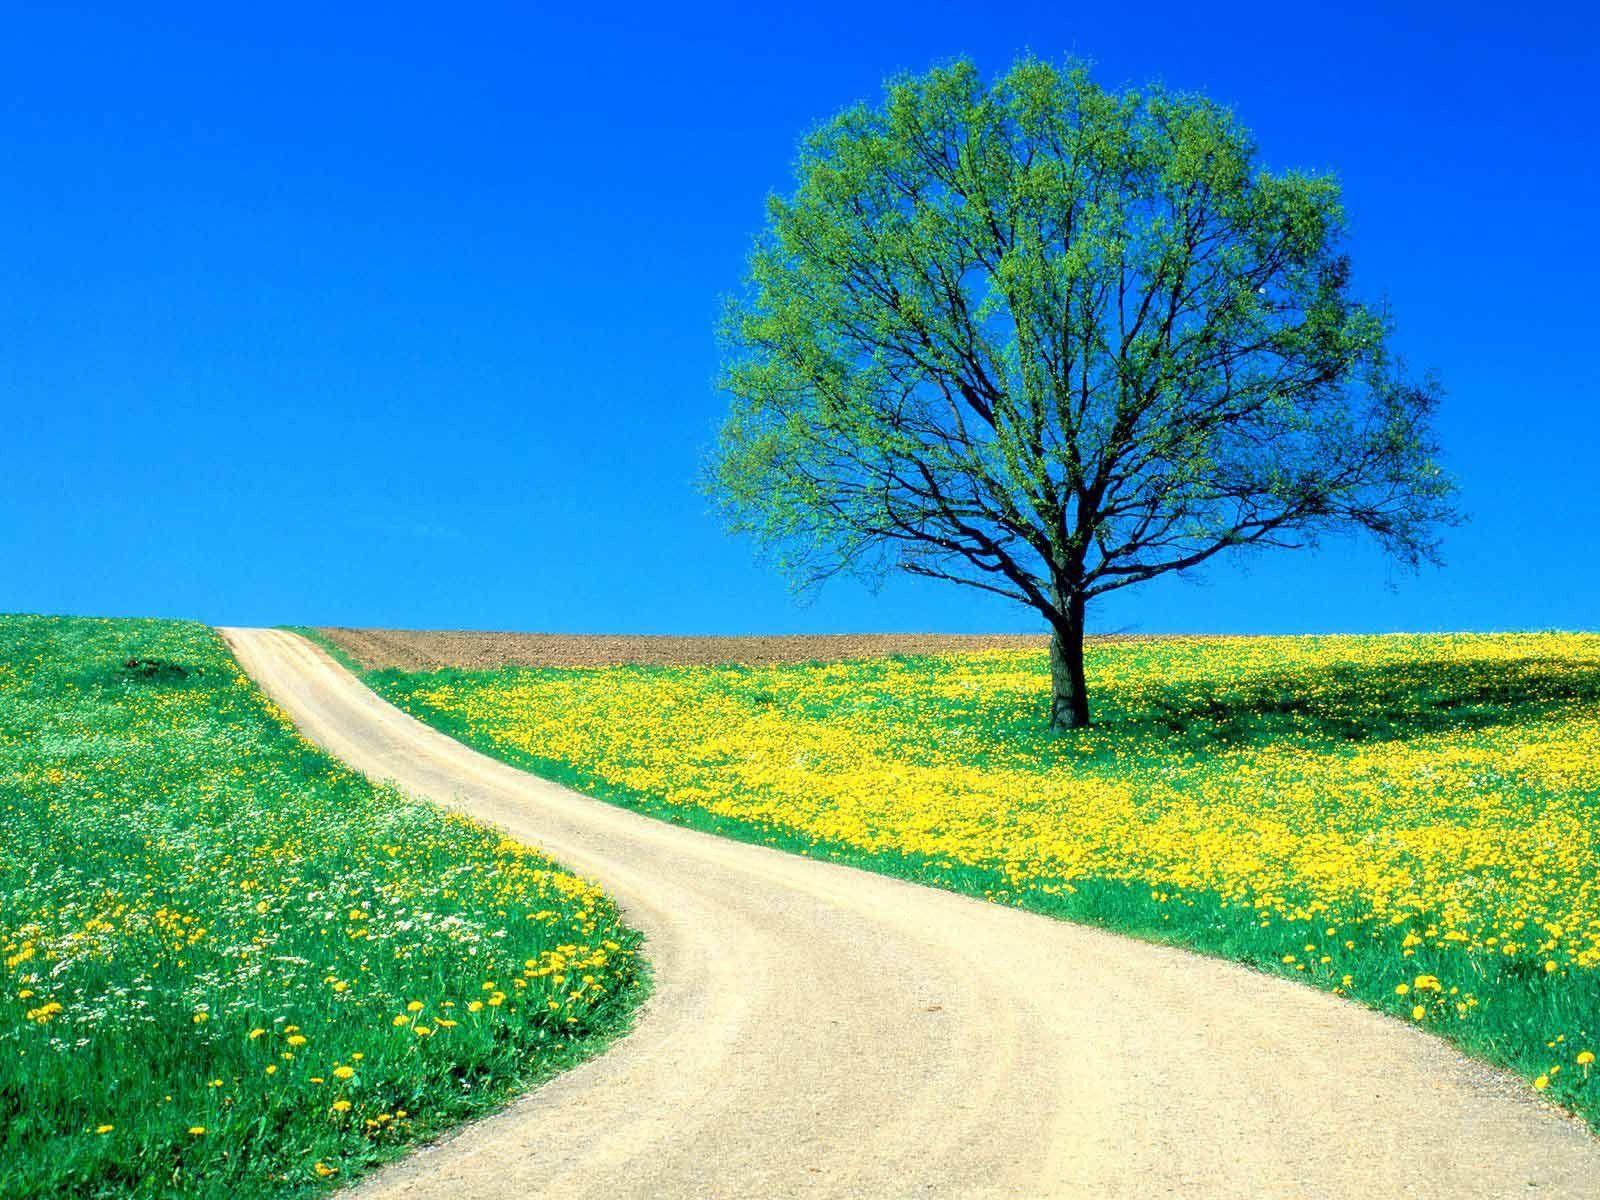 Скачать картинку Природа, Цветы, Одуванчики, Дорога, Дерево, Поле в телефон бесплатно.